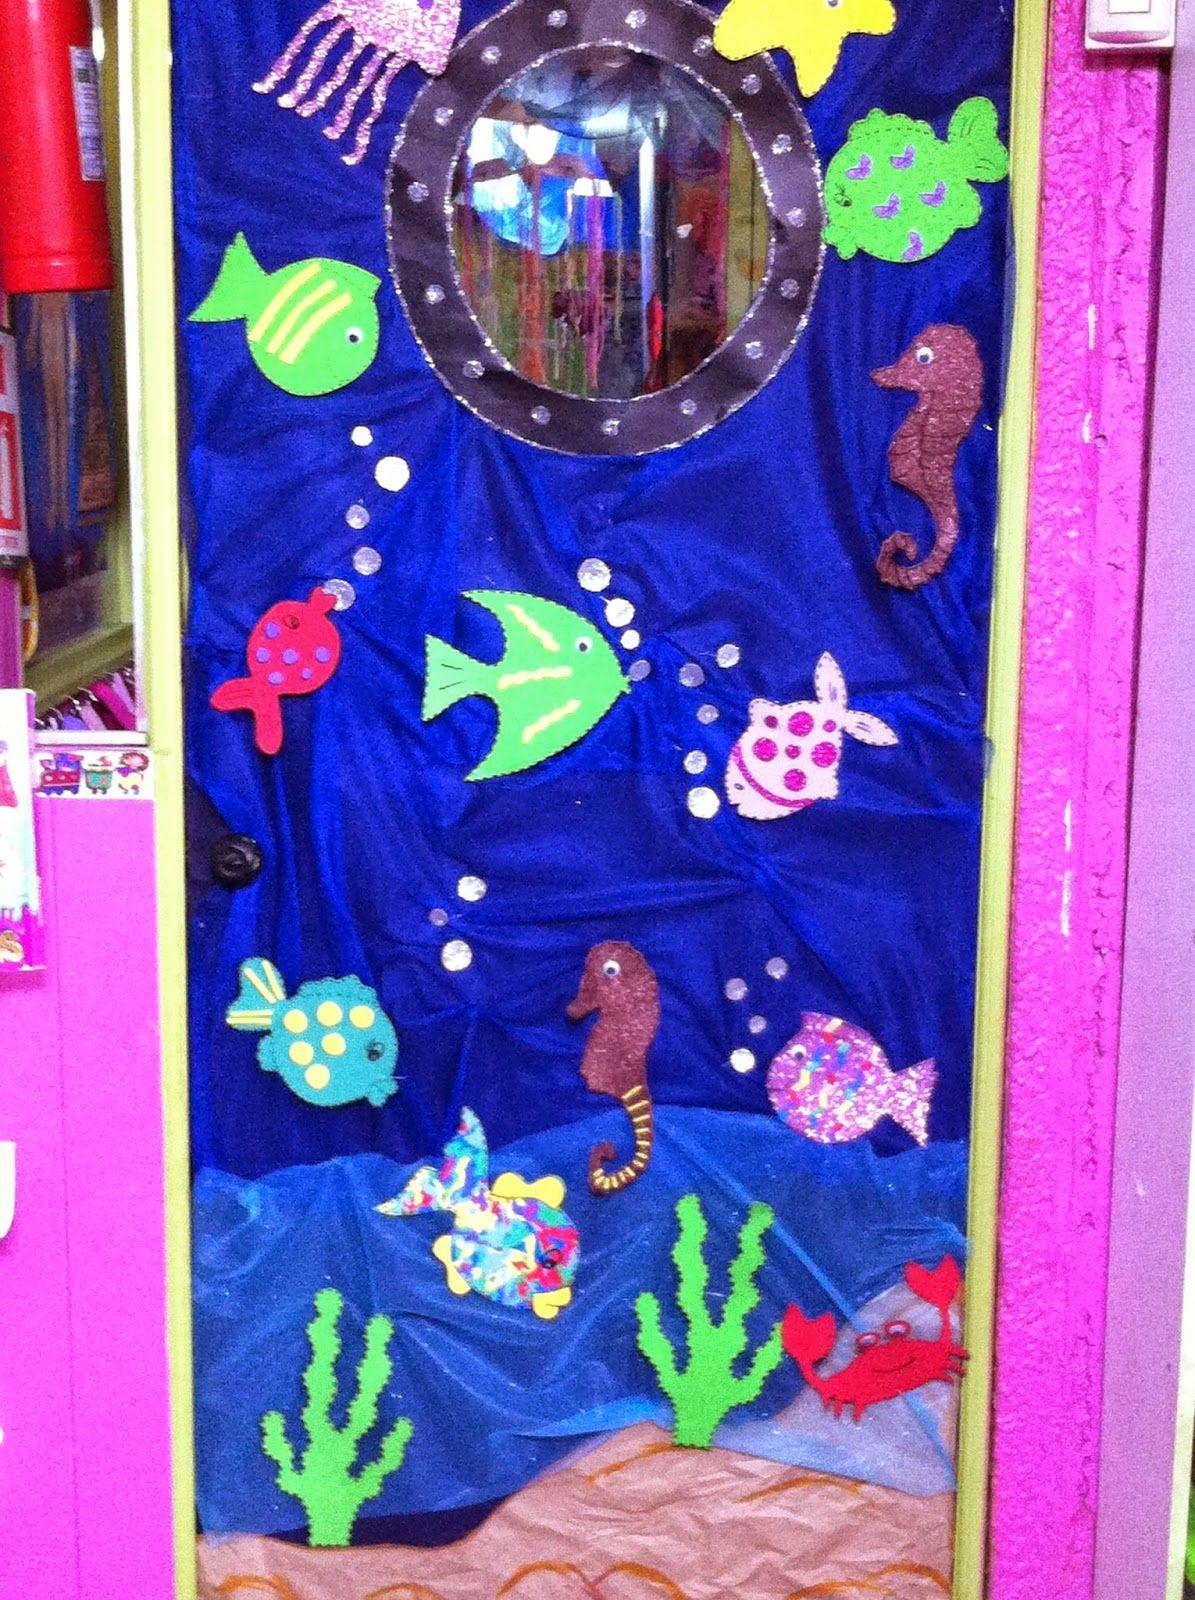 La decoraci n de nuestro jardin infantil en el mes del mar - Decoracion del jardin ...